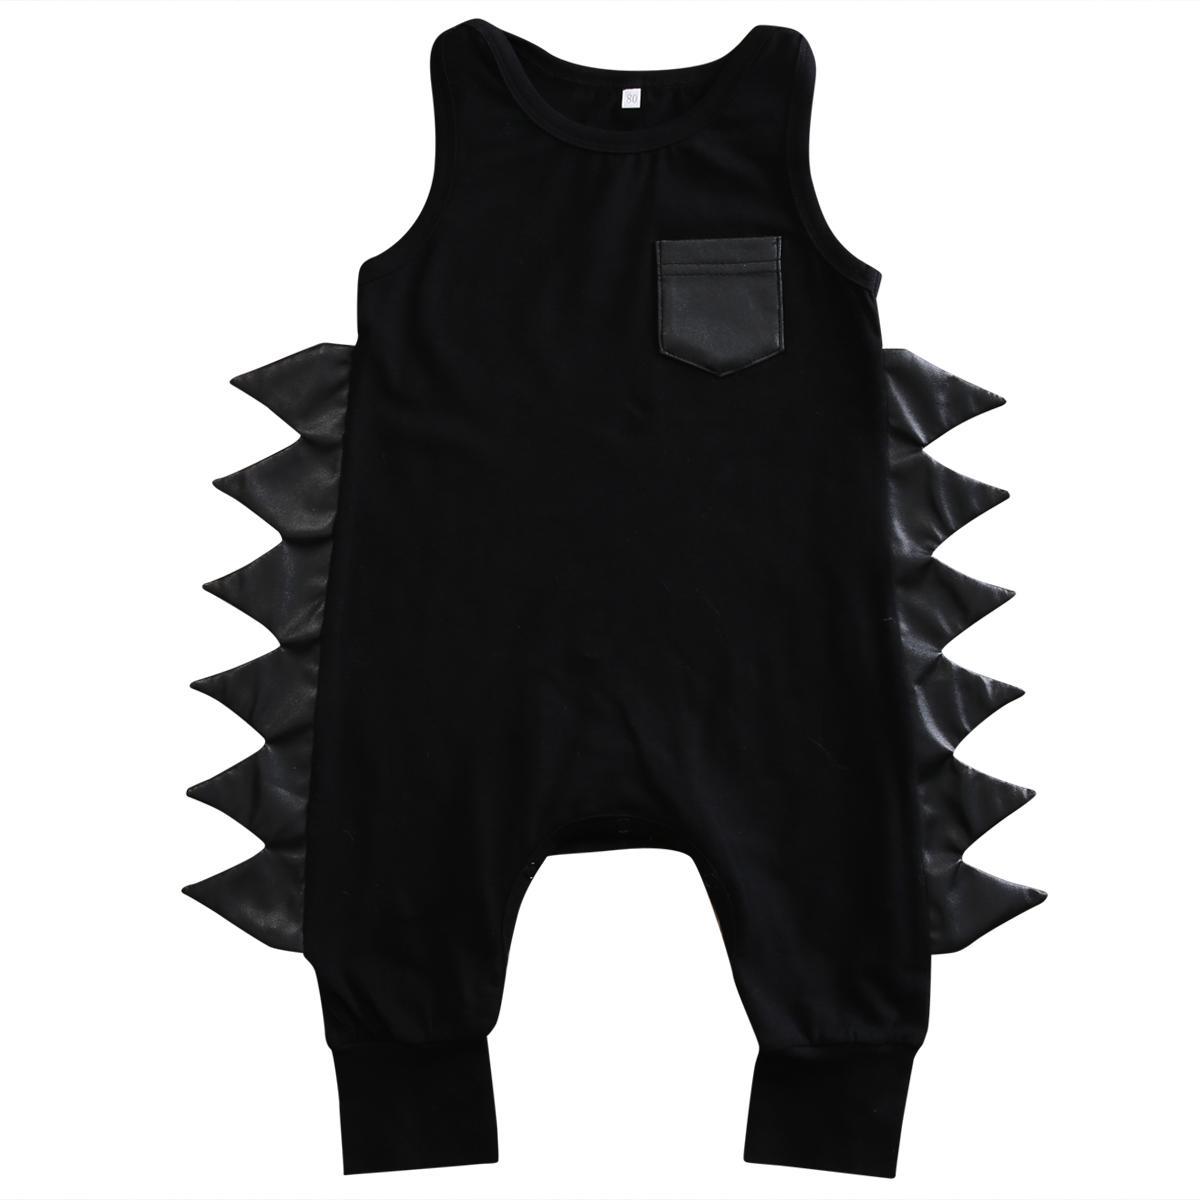 0-2Y nouveau-né bébé Enfants Bébé Garçon Fille Hauts Romper Mode Bodysuit Jumpsuit ARDANTS mignon doux manches unisexe barboteuses